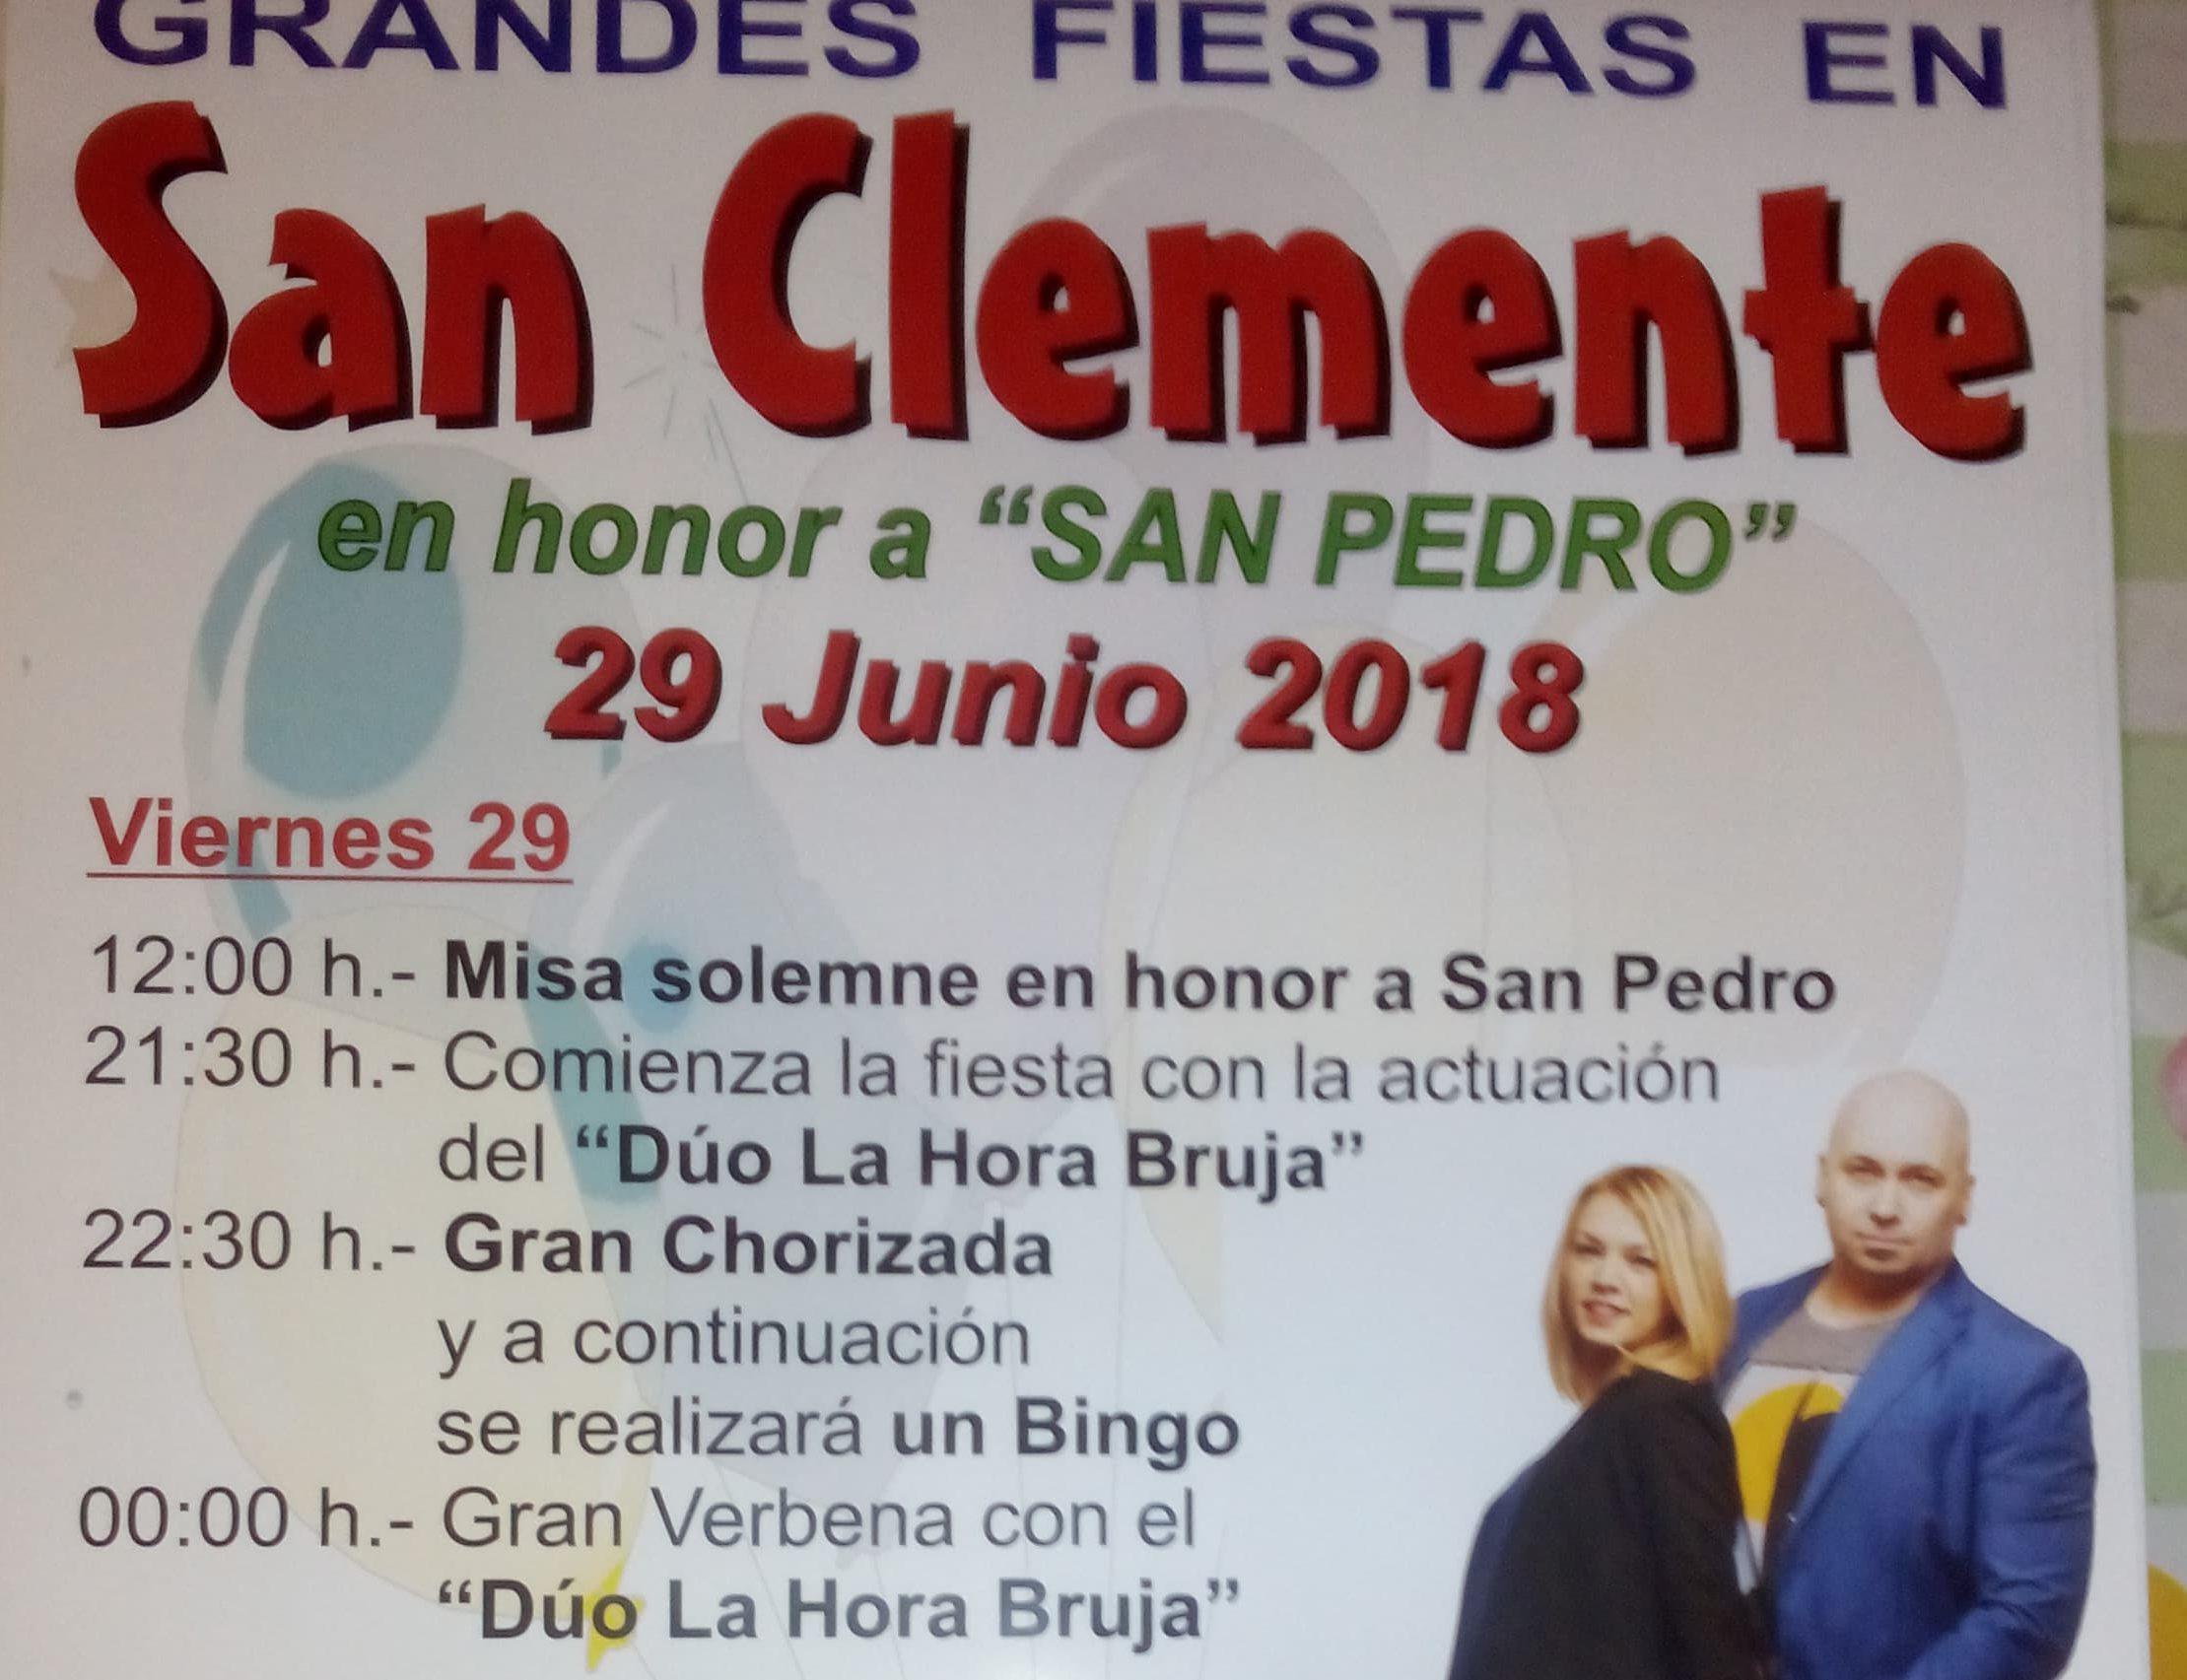 Grandes fiestas en San Clemente en honor a San Pedro 1